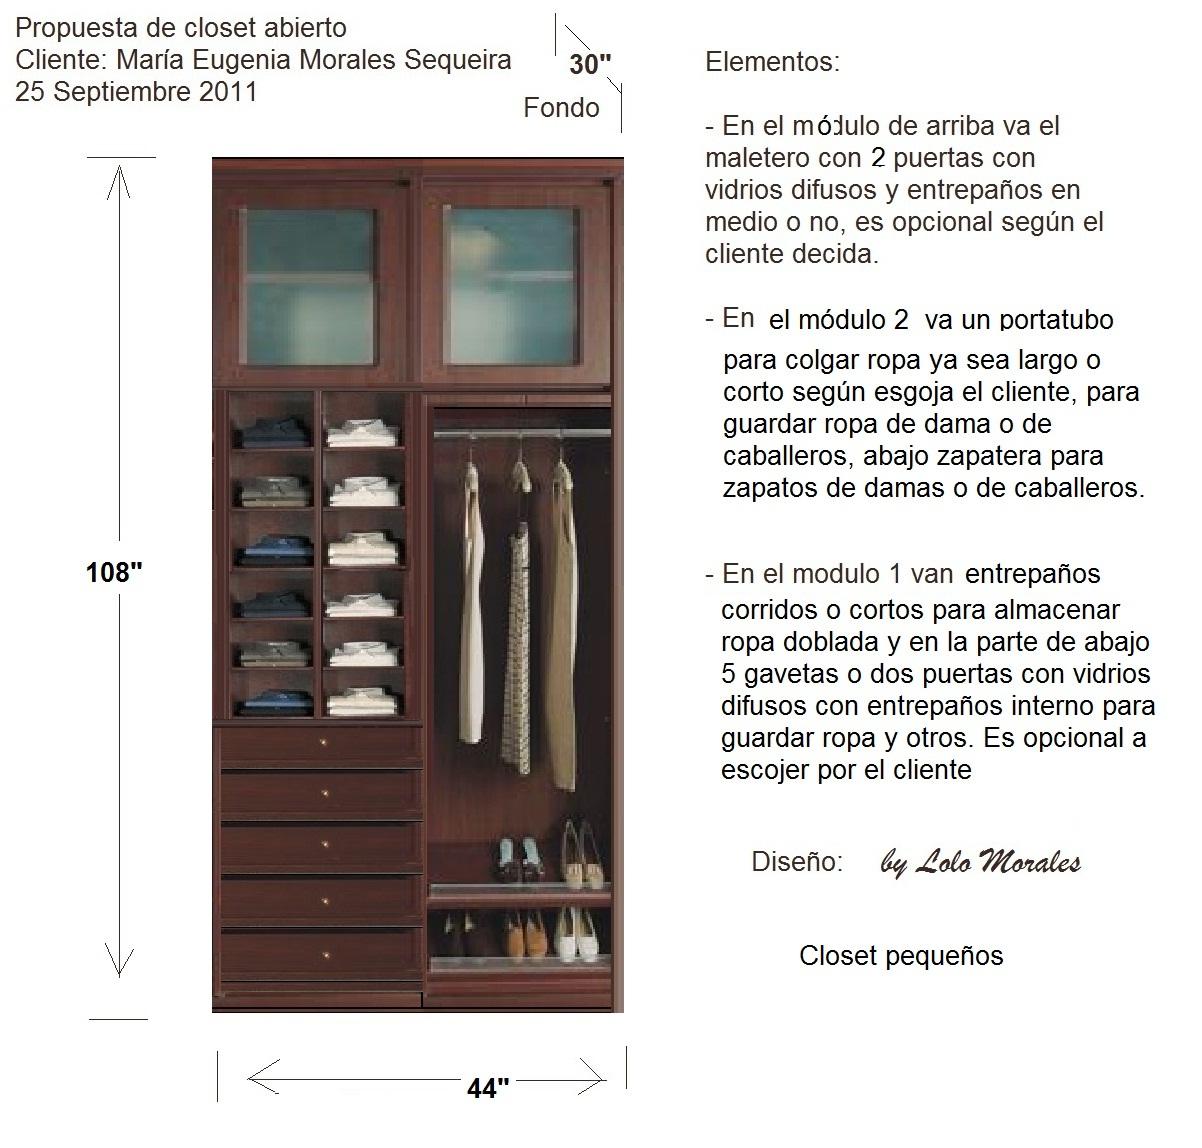 Propuesta Closet Peque O Abierto 250911 Muebles Lolo